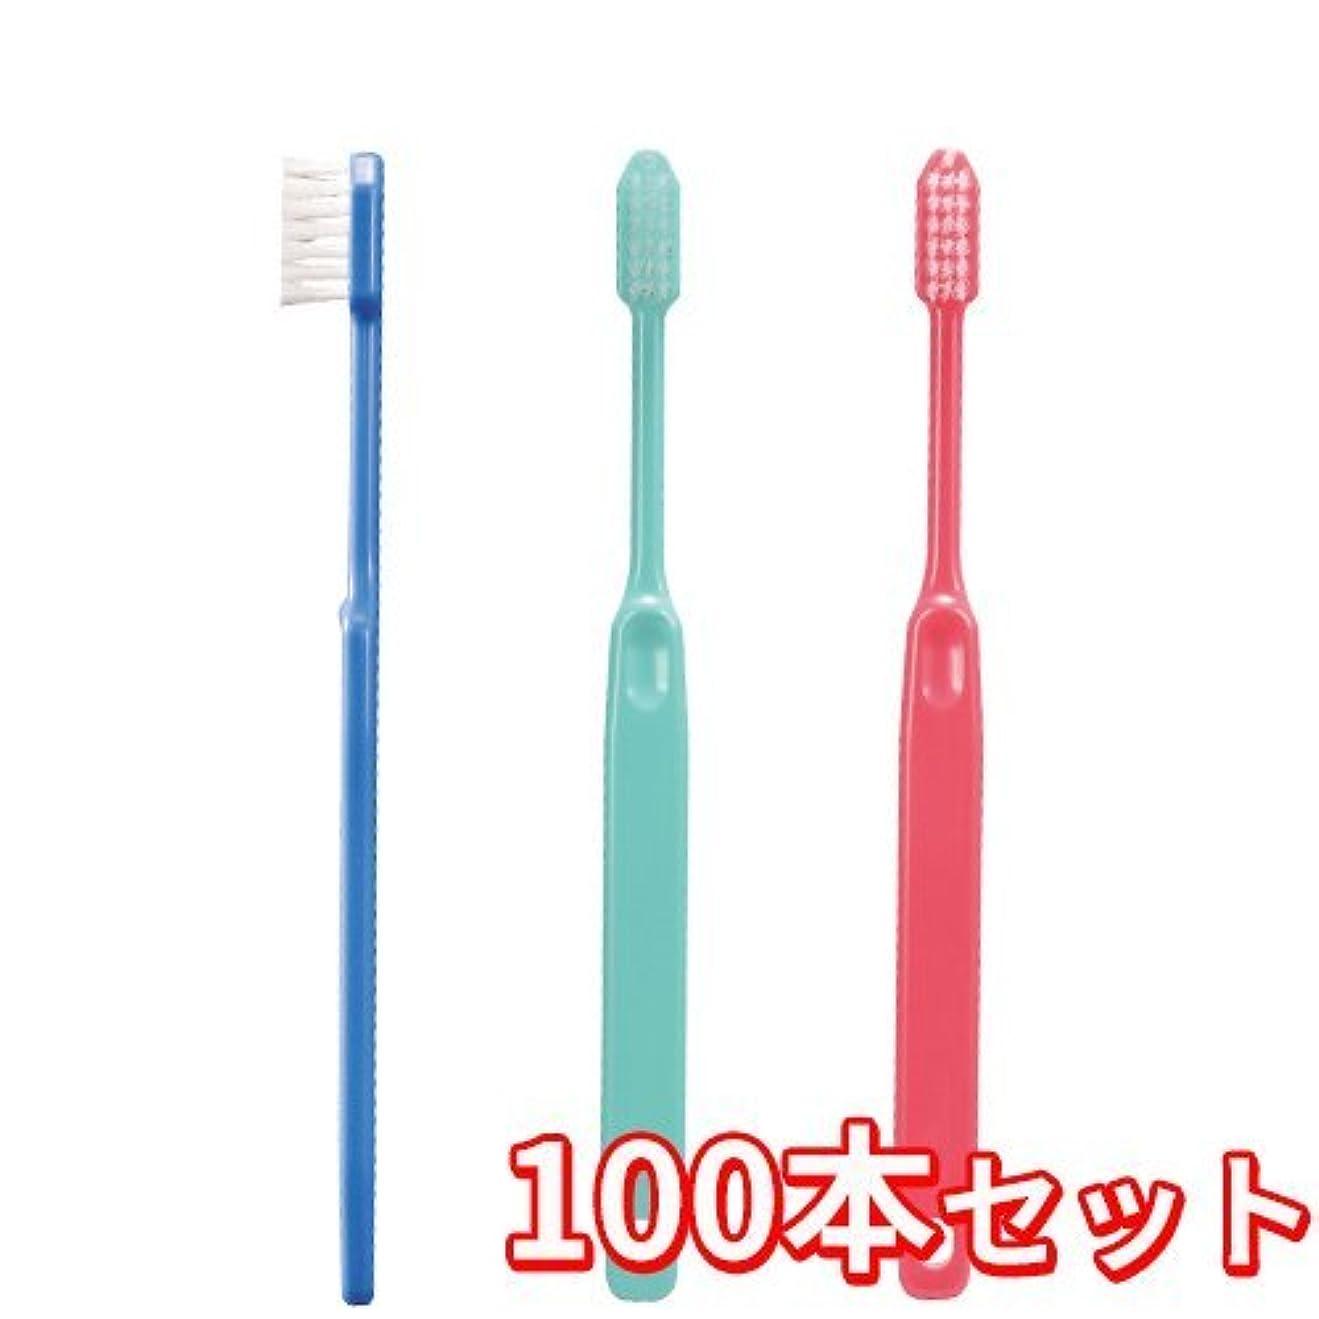 わな刈る成熟Ciメディカル 歯ブラシ コンパクトヘッド 疎毛タイプ アソート 100本 (Ci25(やわらかめ))